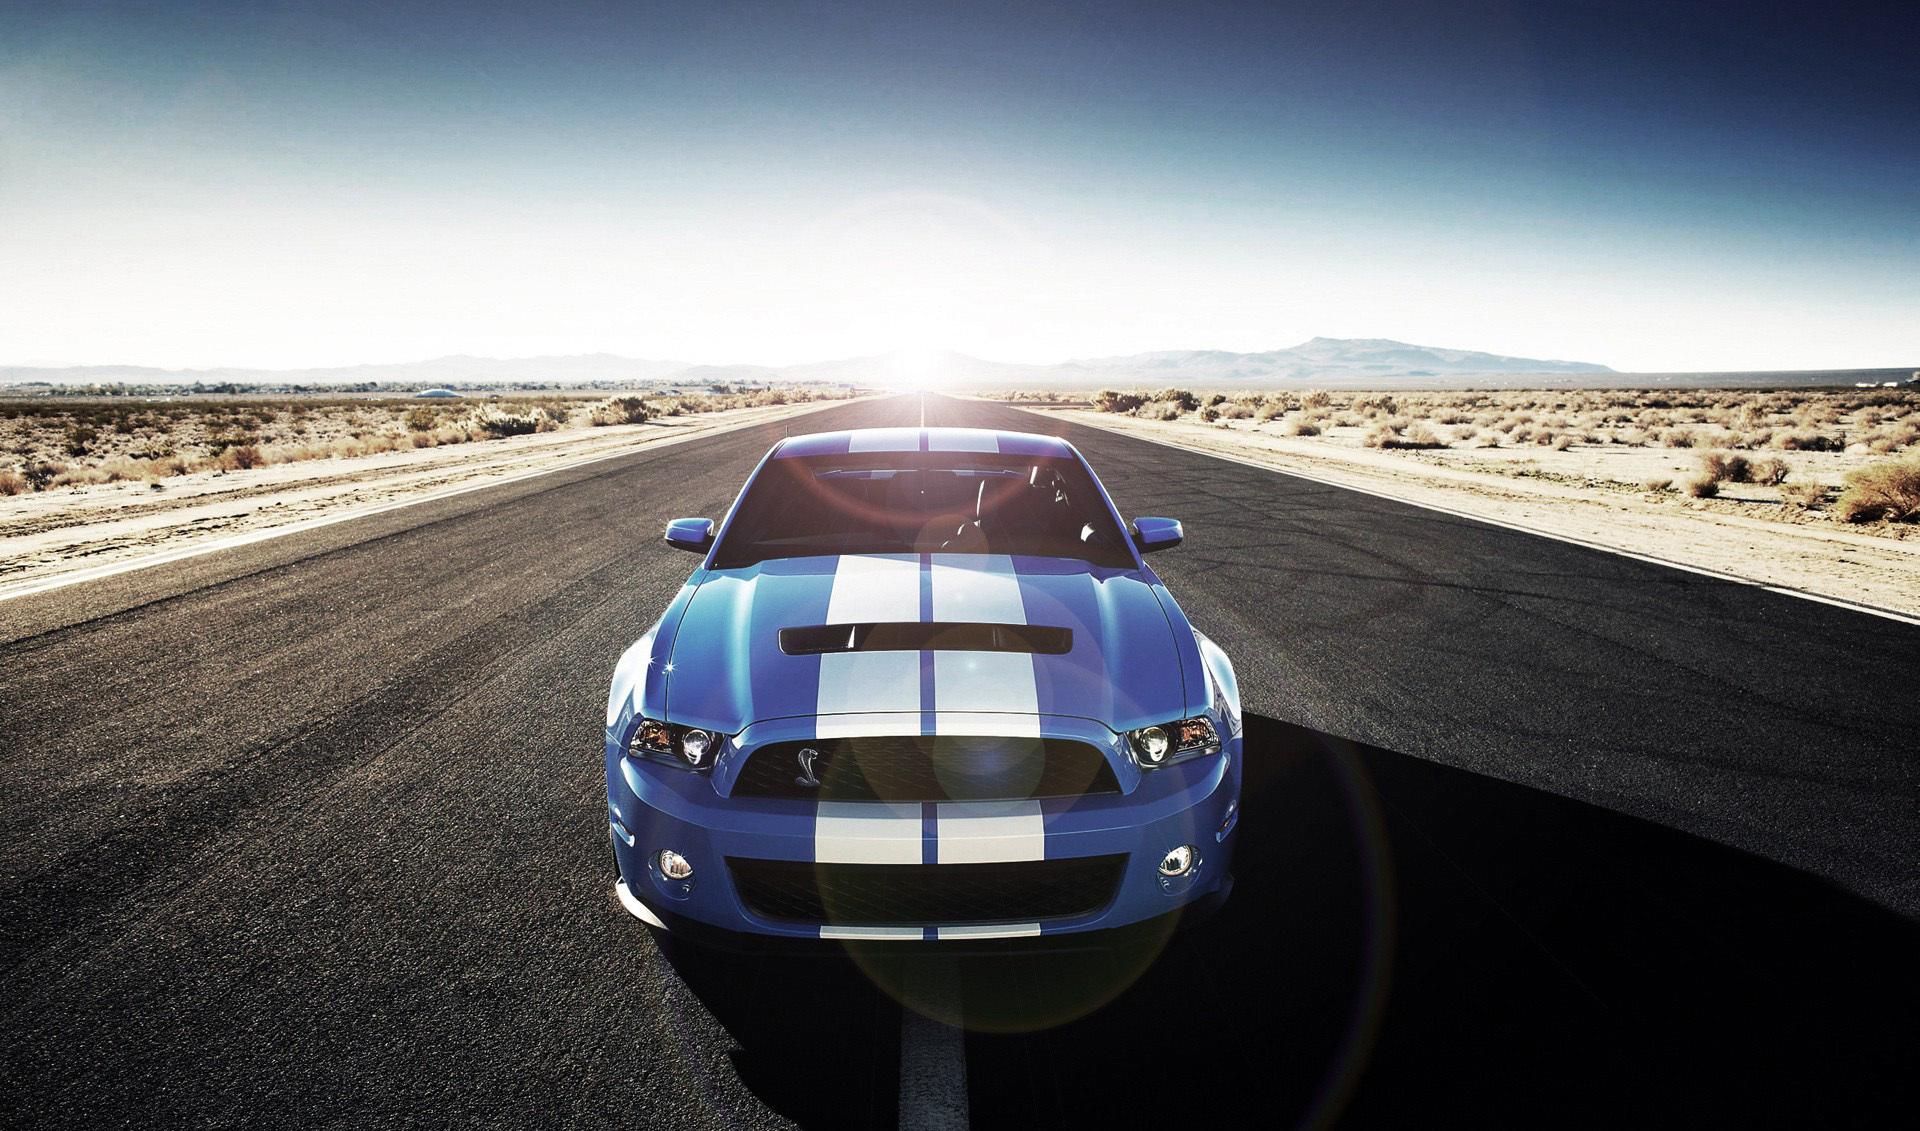 22139 скачать обои Транспорт, Машины, Дороги, Мустанг (Mustang) - заставки и картинки бесплатно